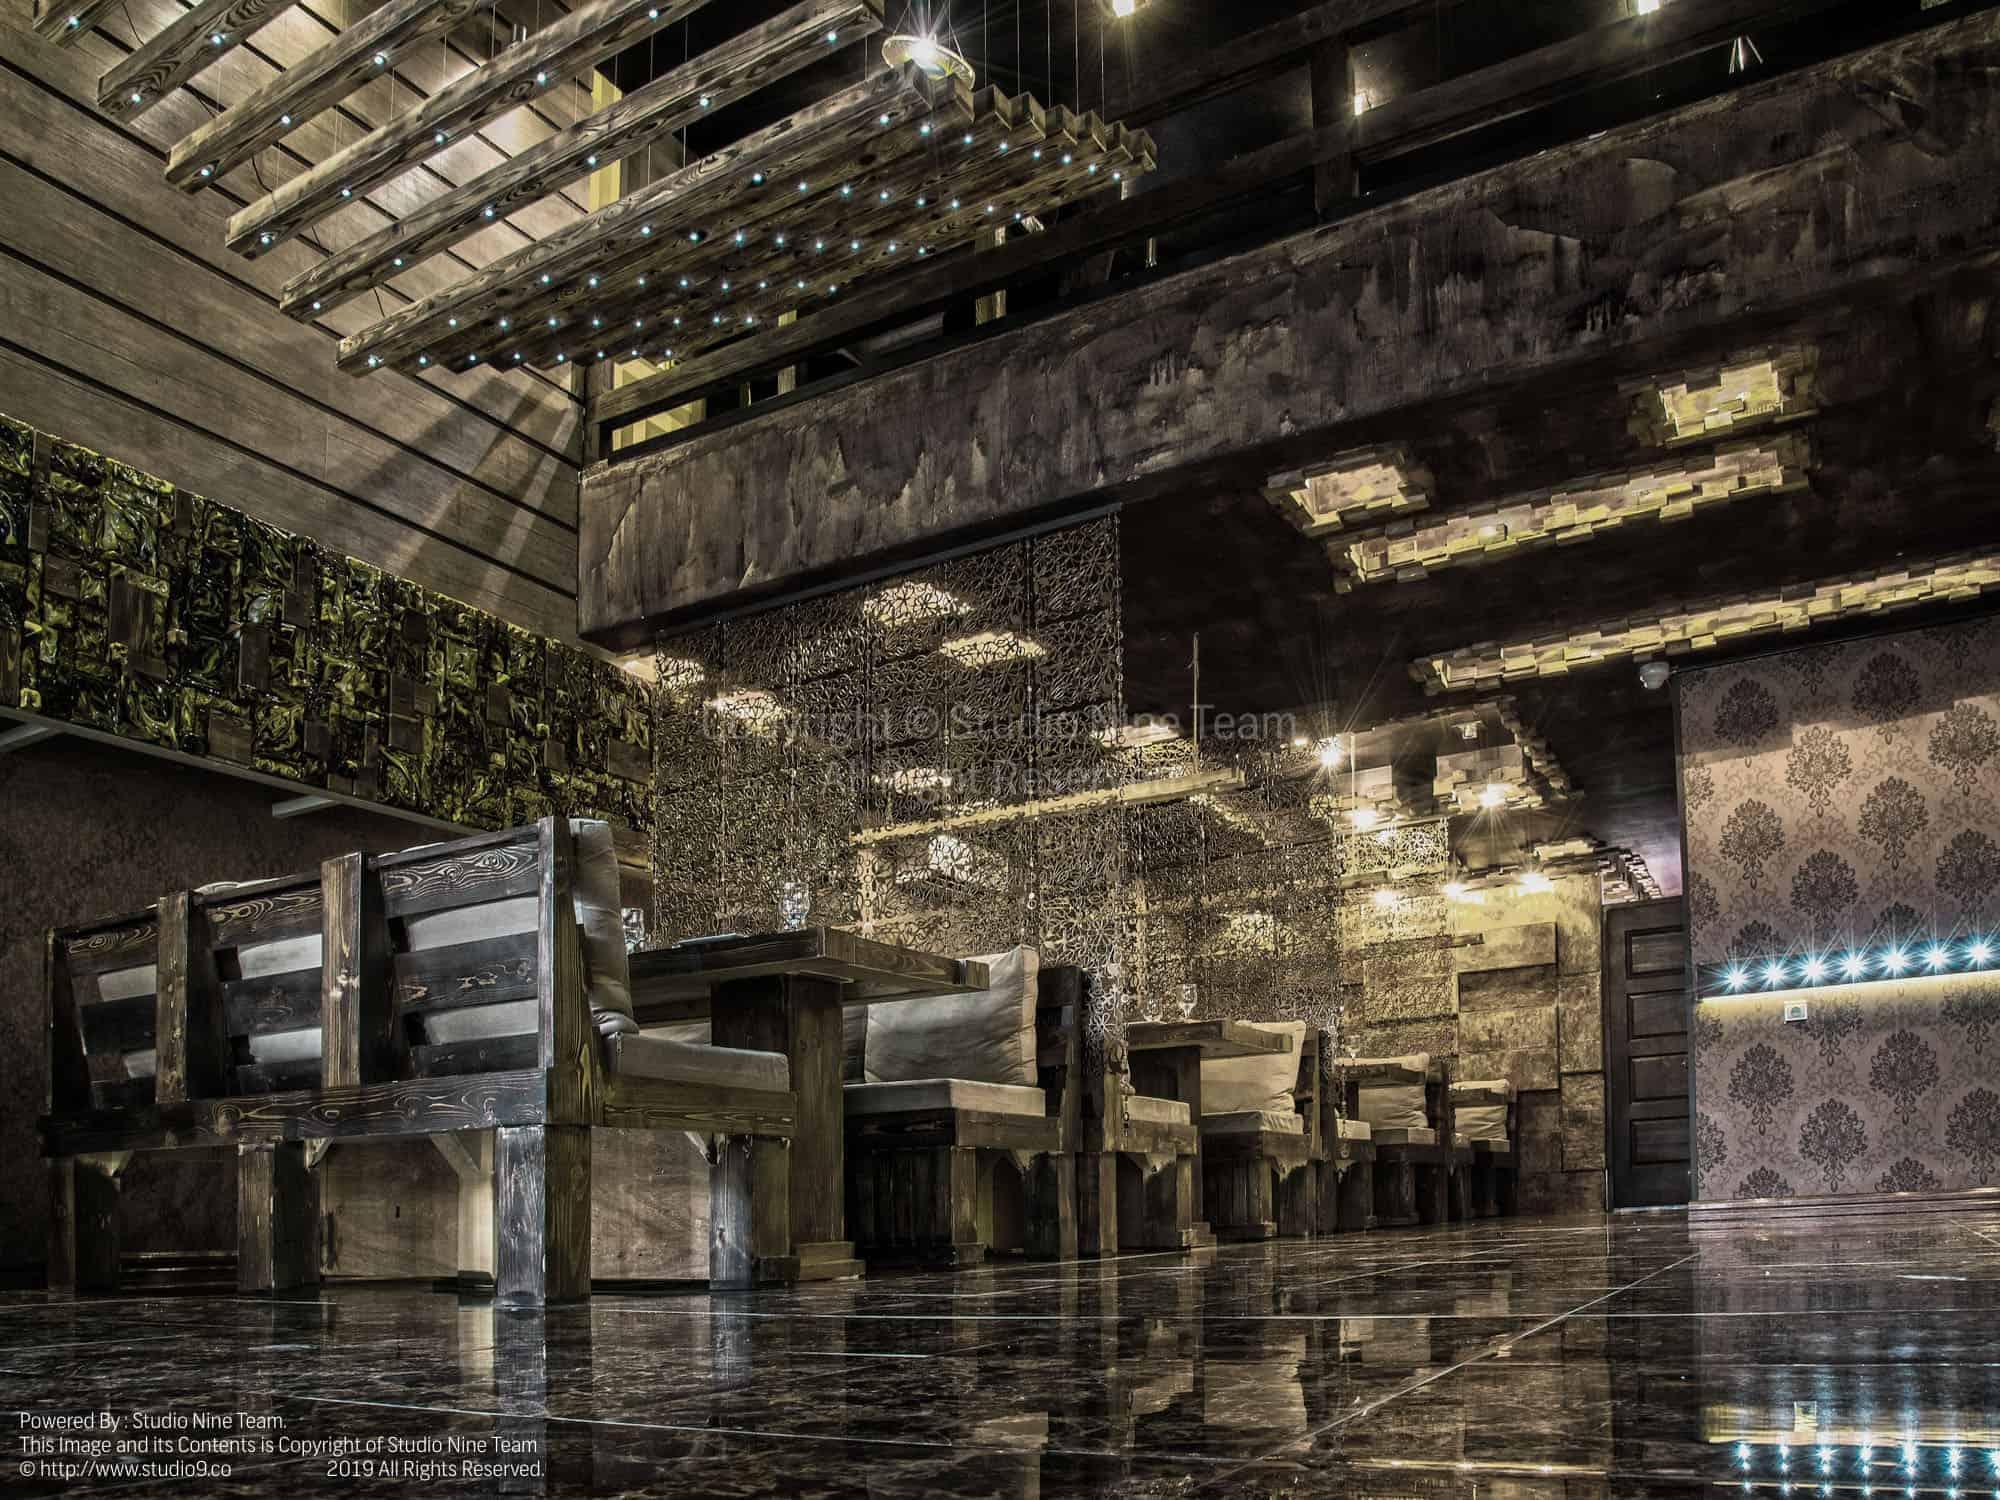 تنظیم رنگ تخصصی خروجی چاپ حرفه ای | تنظیم رنگ عکس معماری رستوران بیزانس | تعرفه عکاسی معماری | عکاسی رستوران